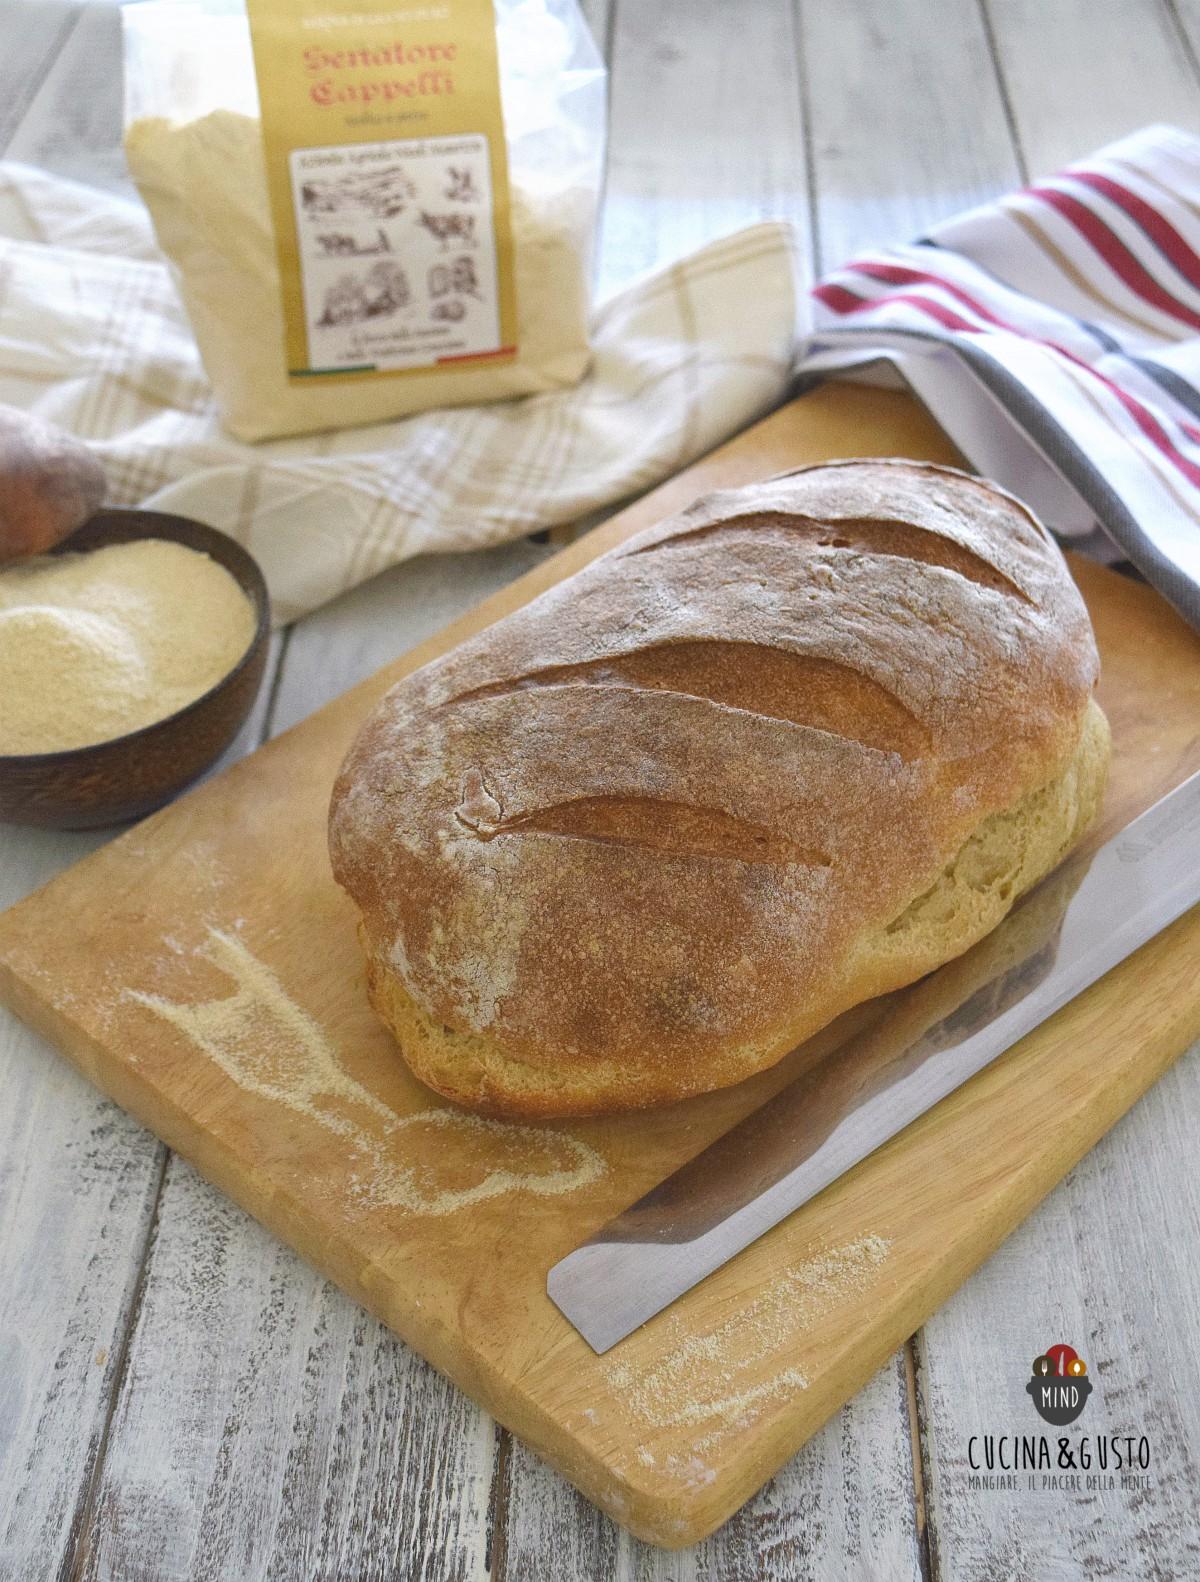 Pane di grano antico Senatore Cappell